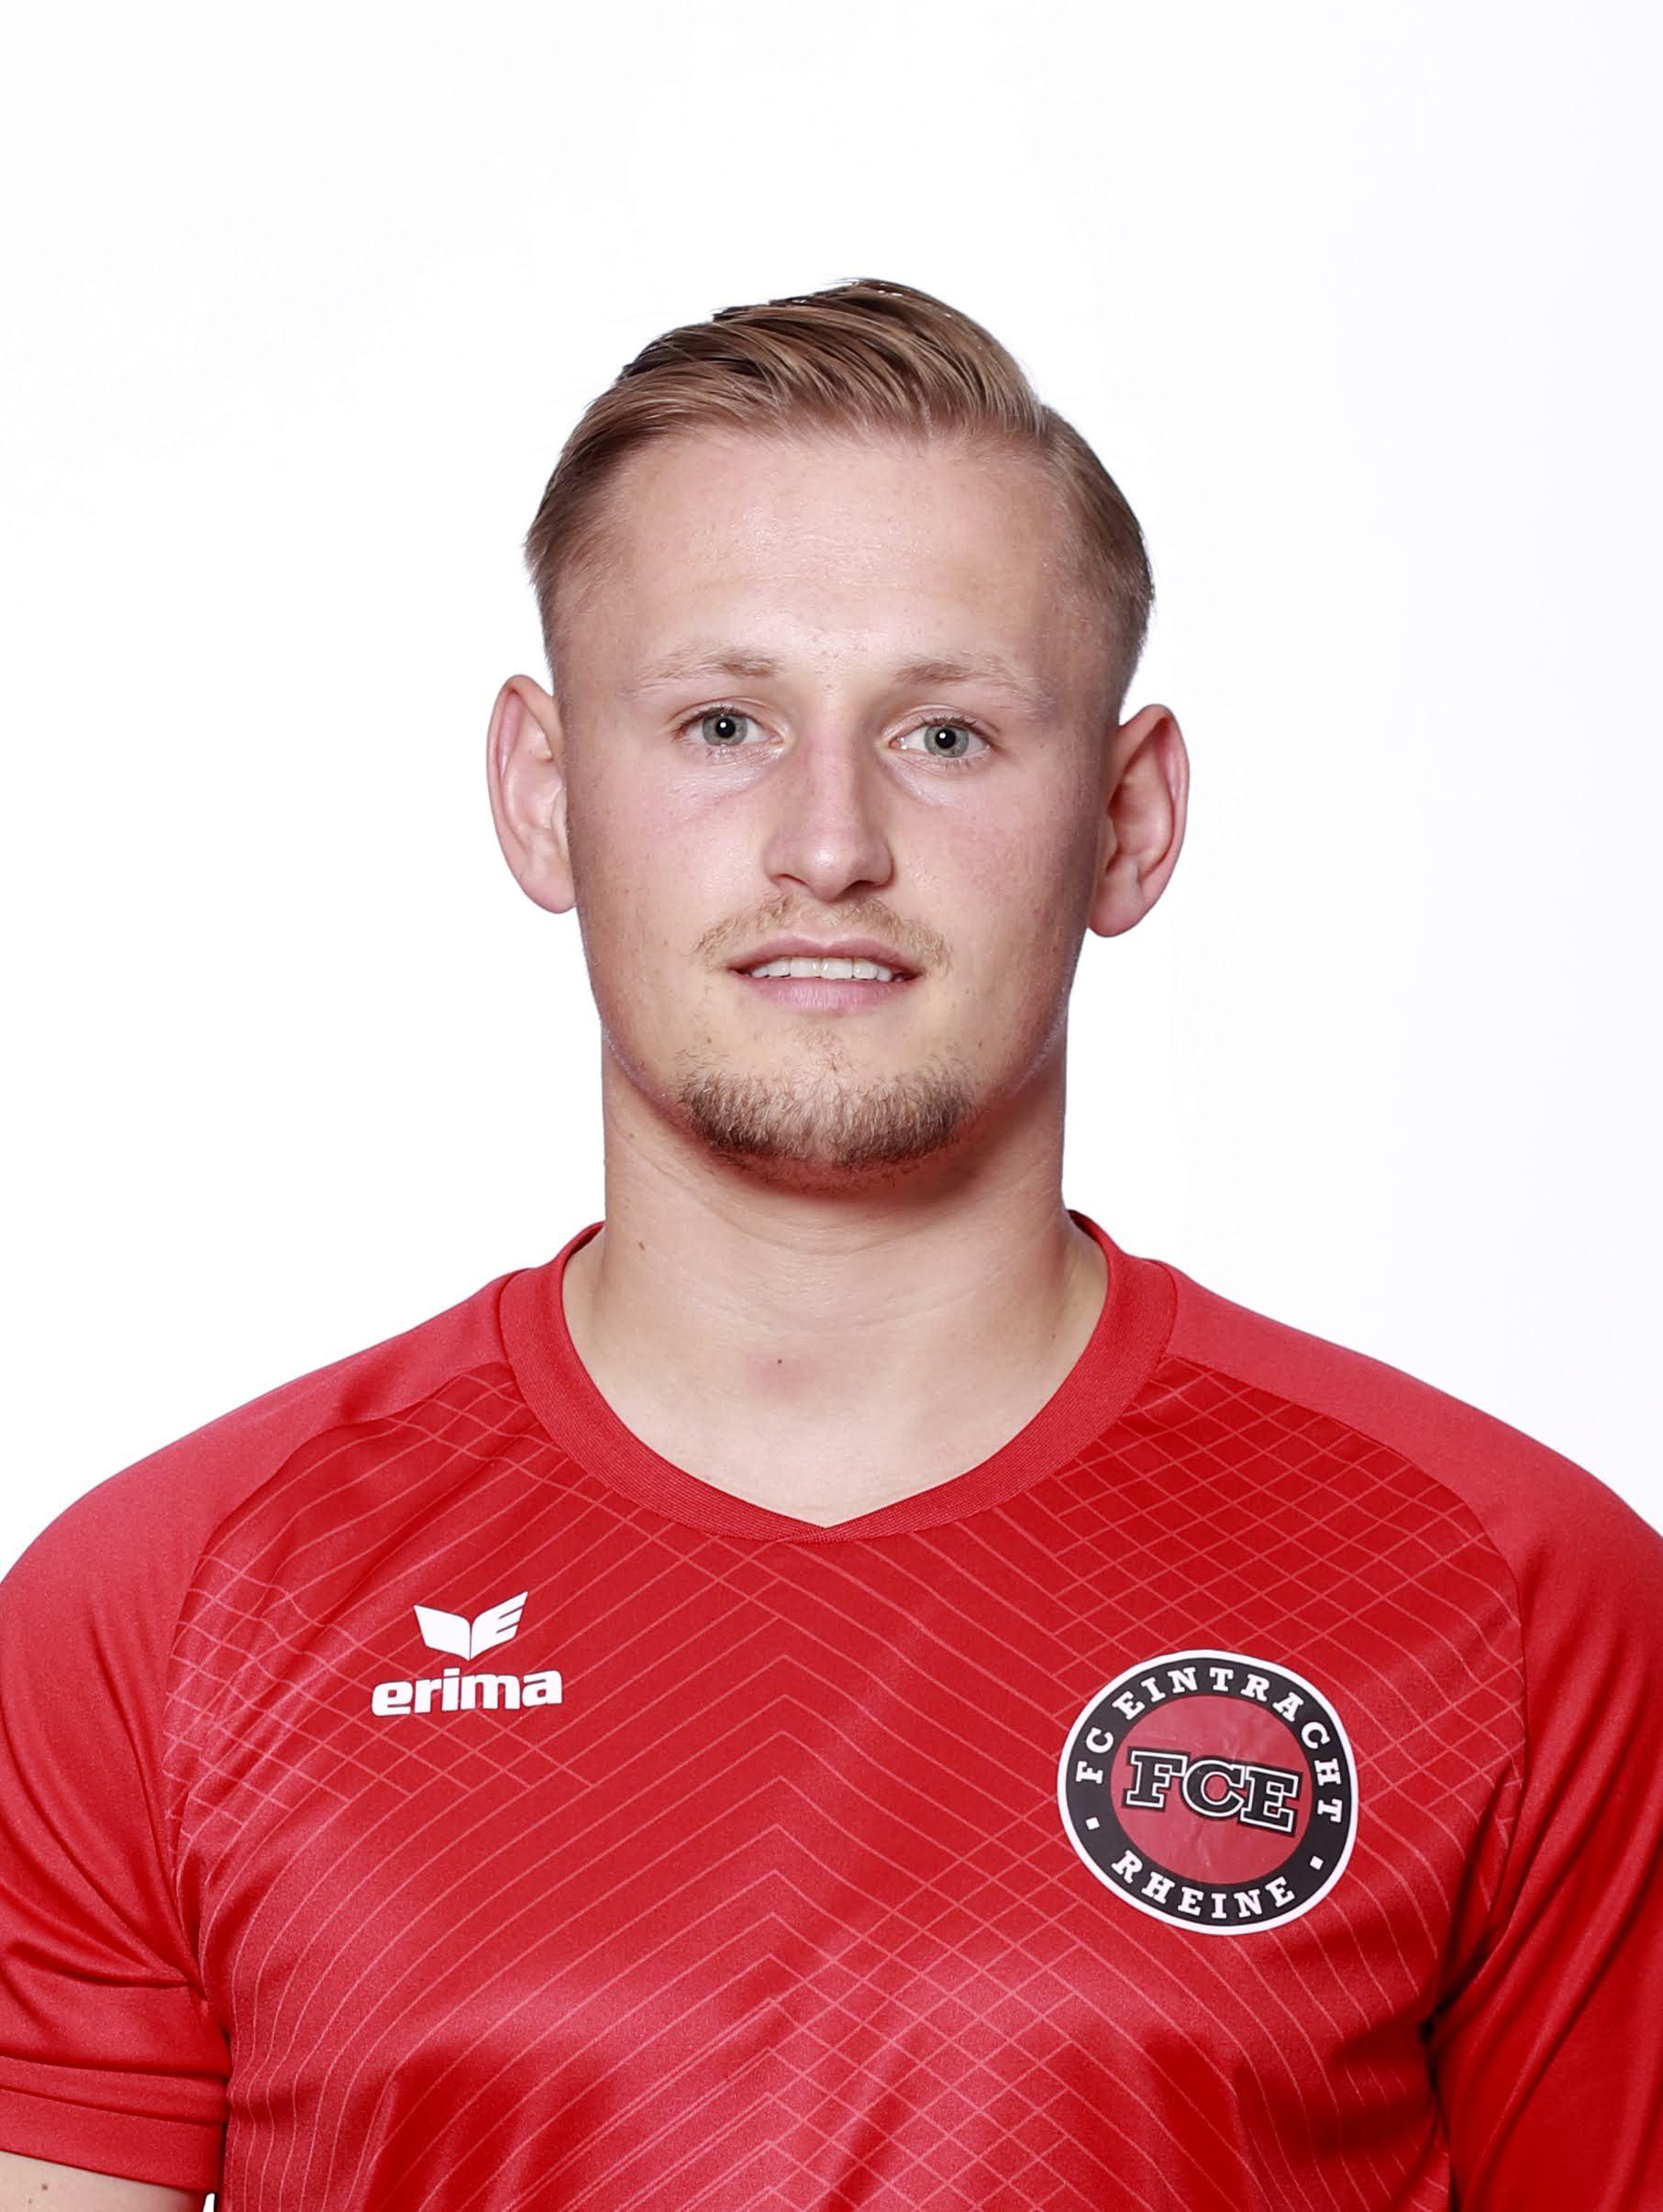 Adrian Knüver